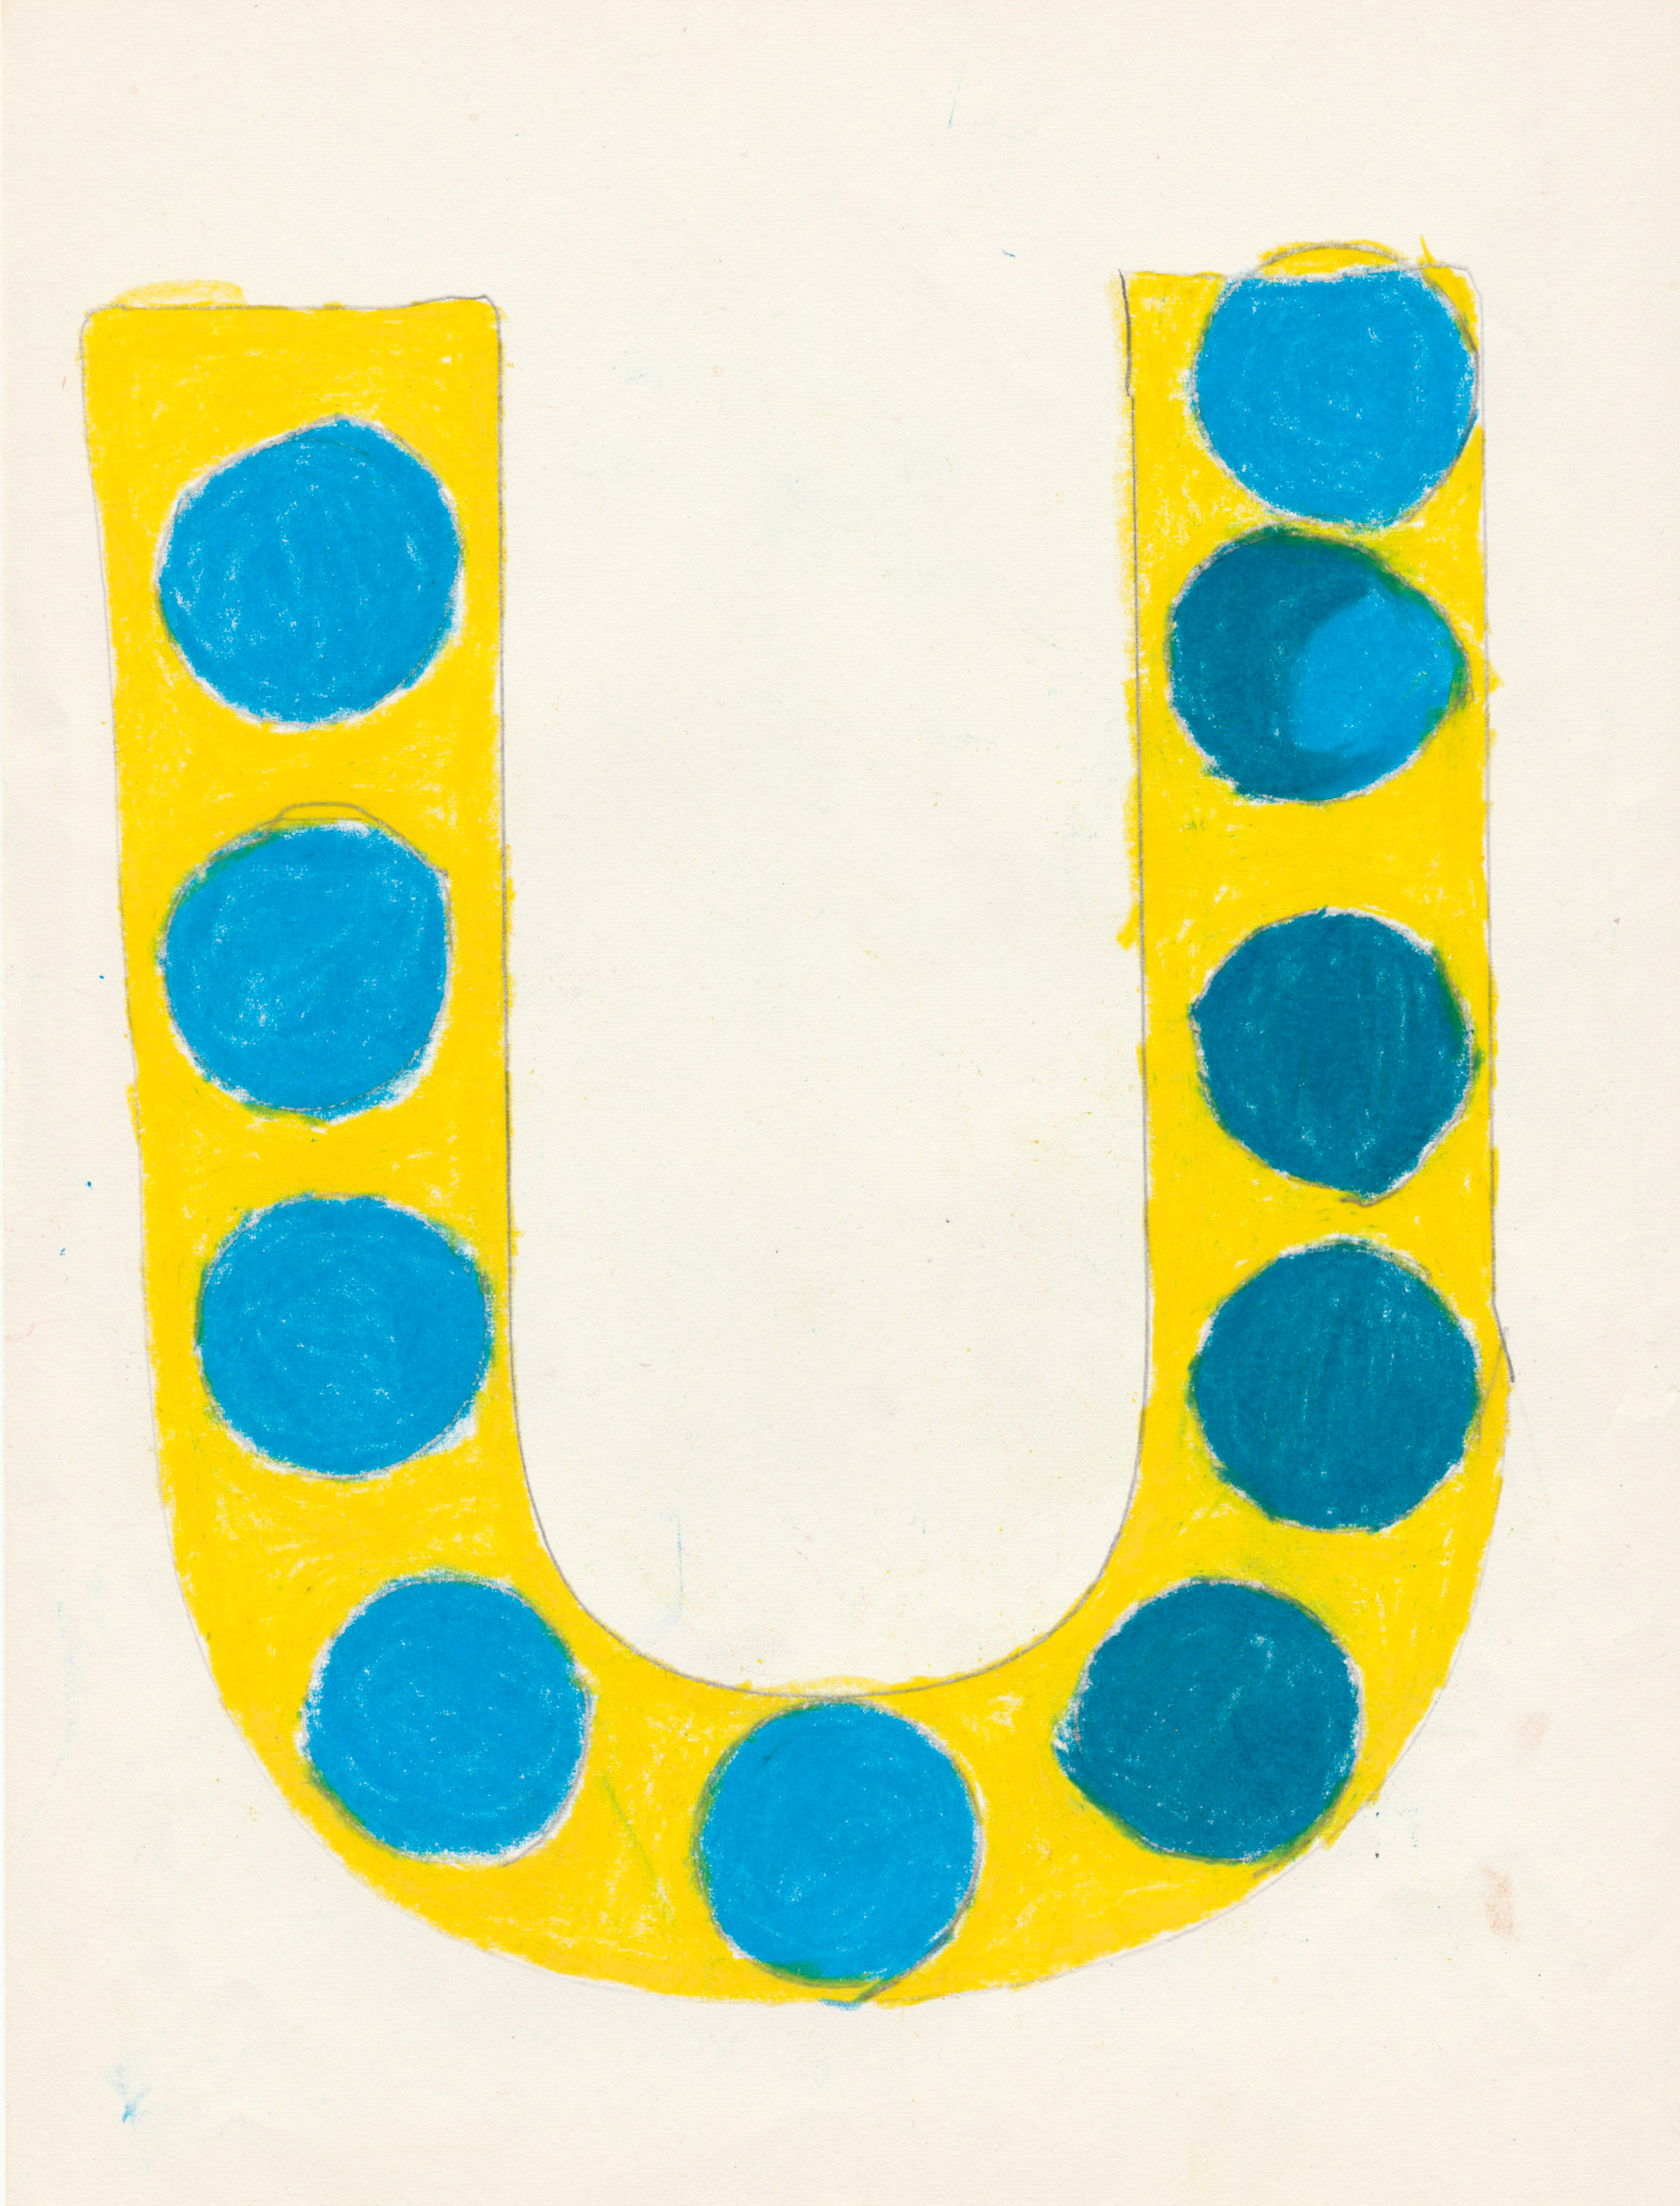 Alice Bonczkowski, Untitled (AB 018), 8x10.5 inches